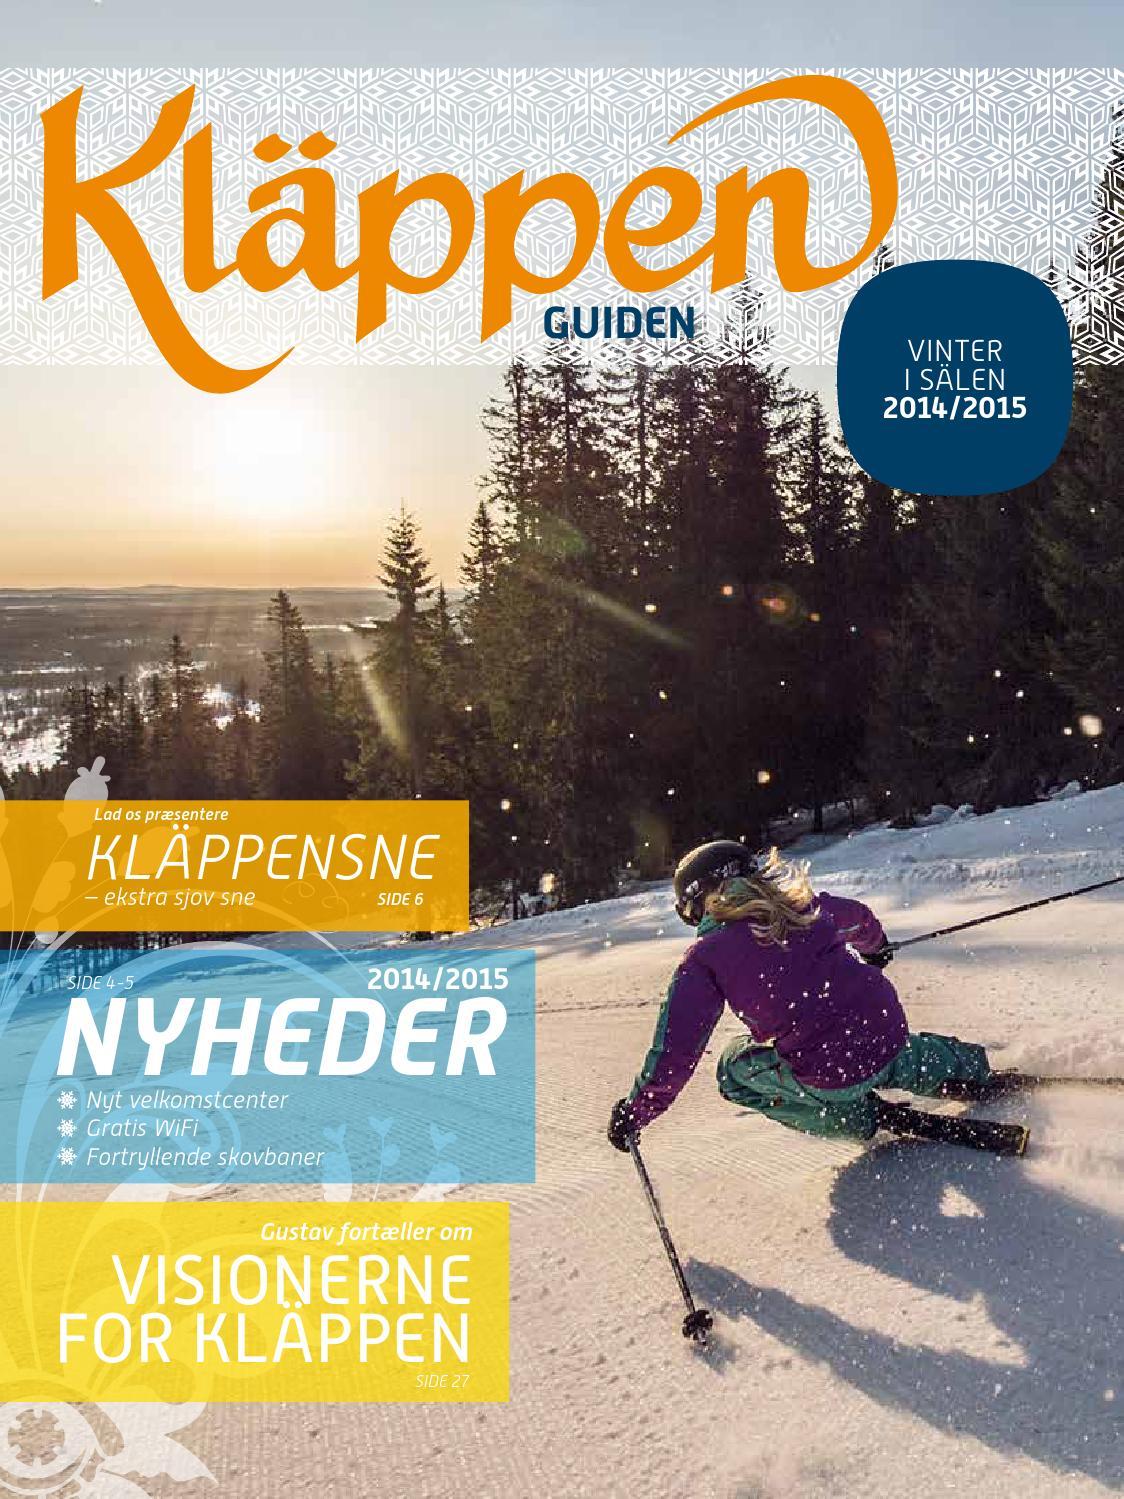 Kläppenmagasin (Dansk) by Kläppen - issuu